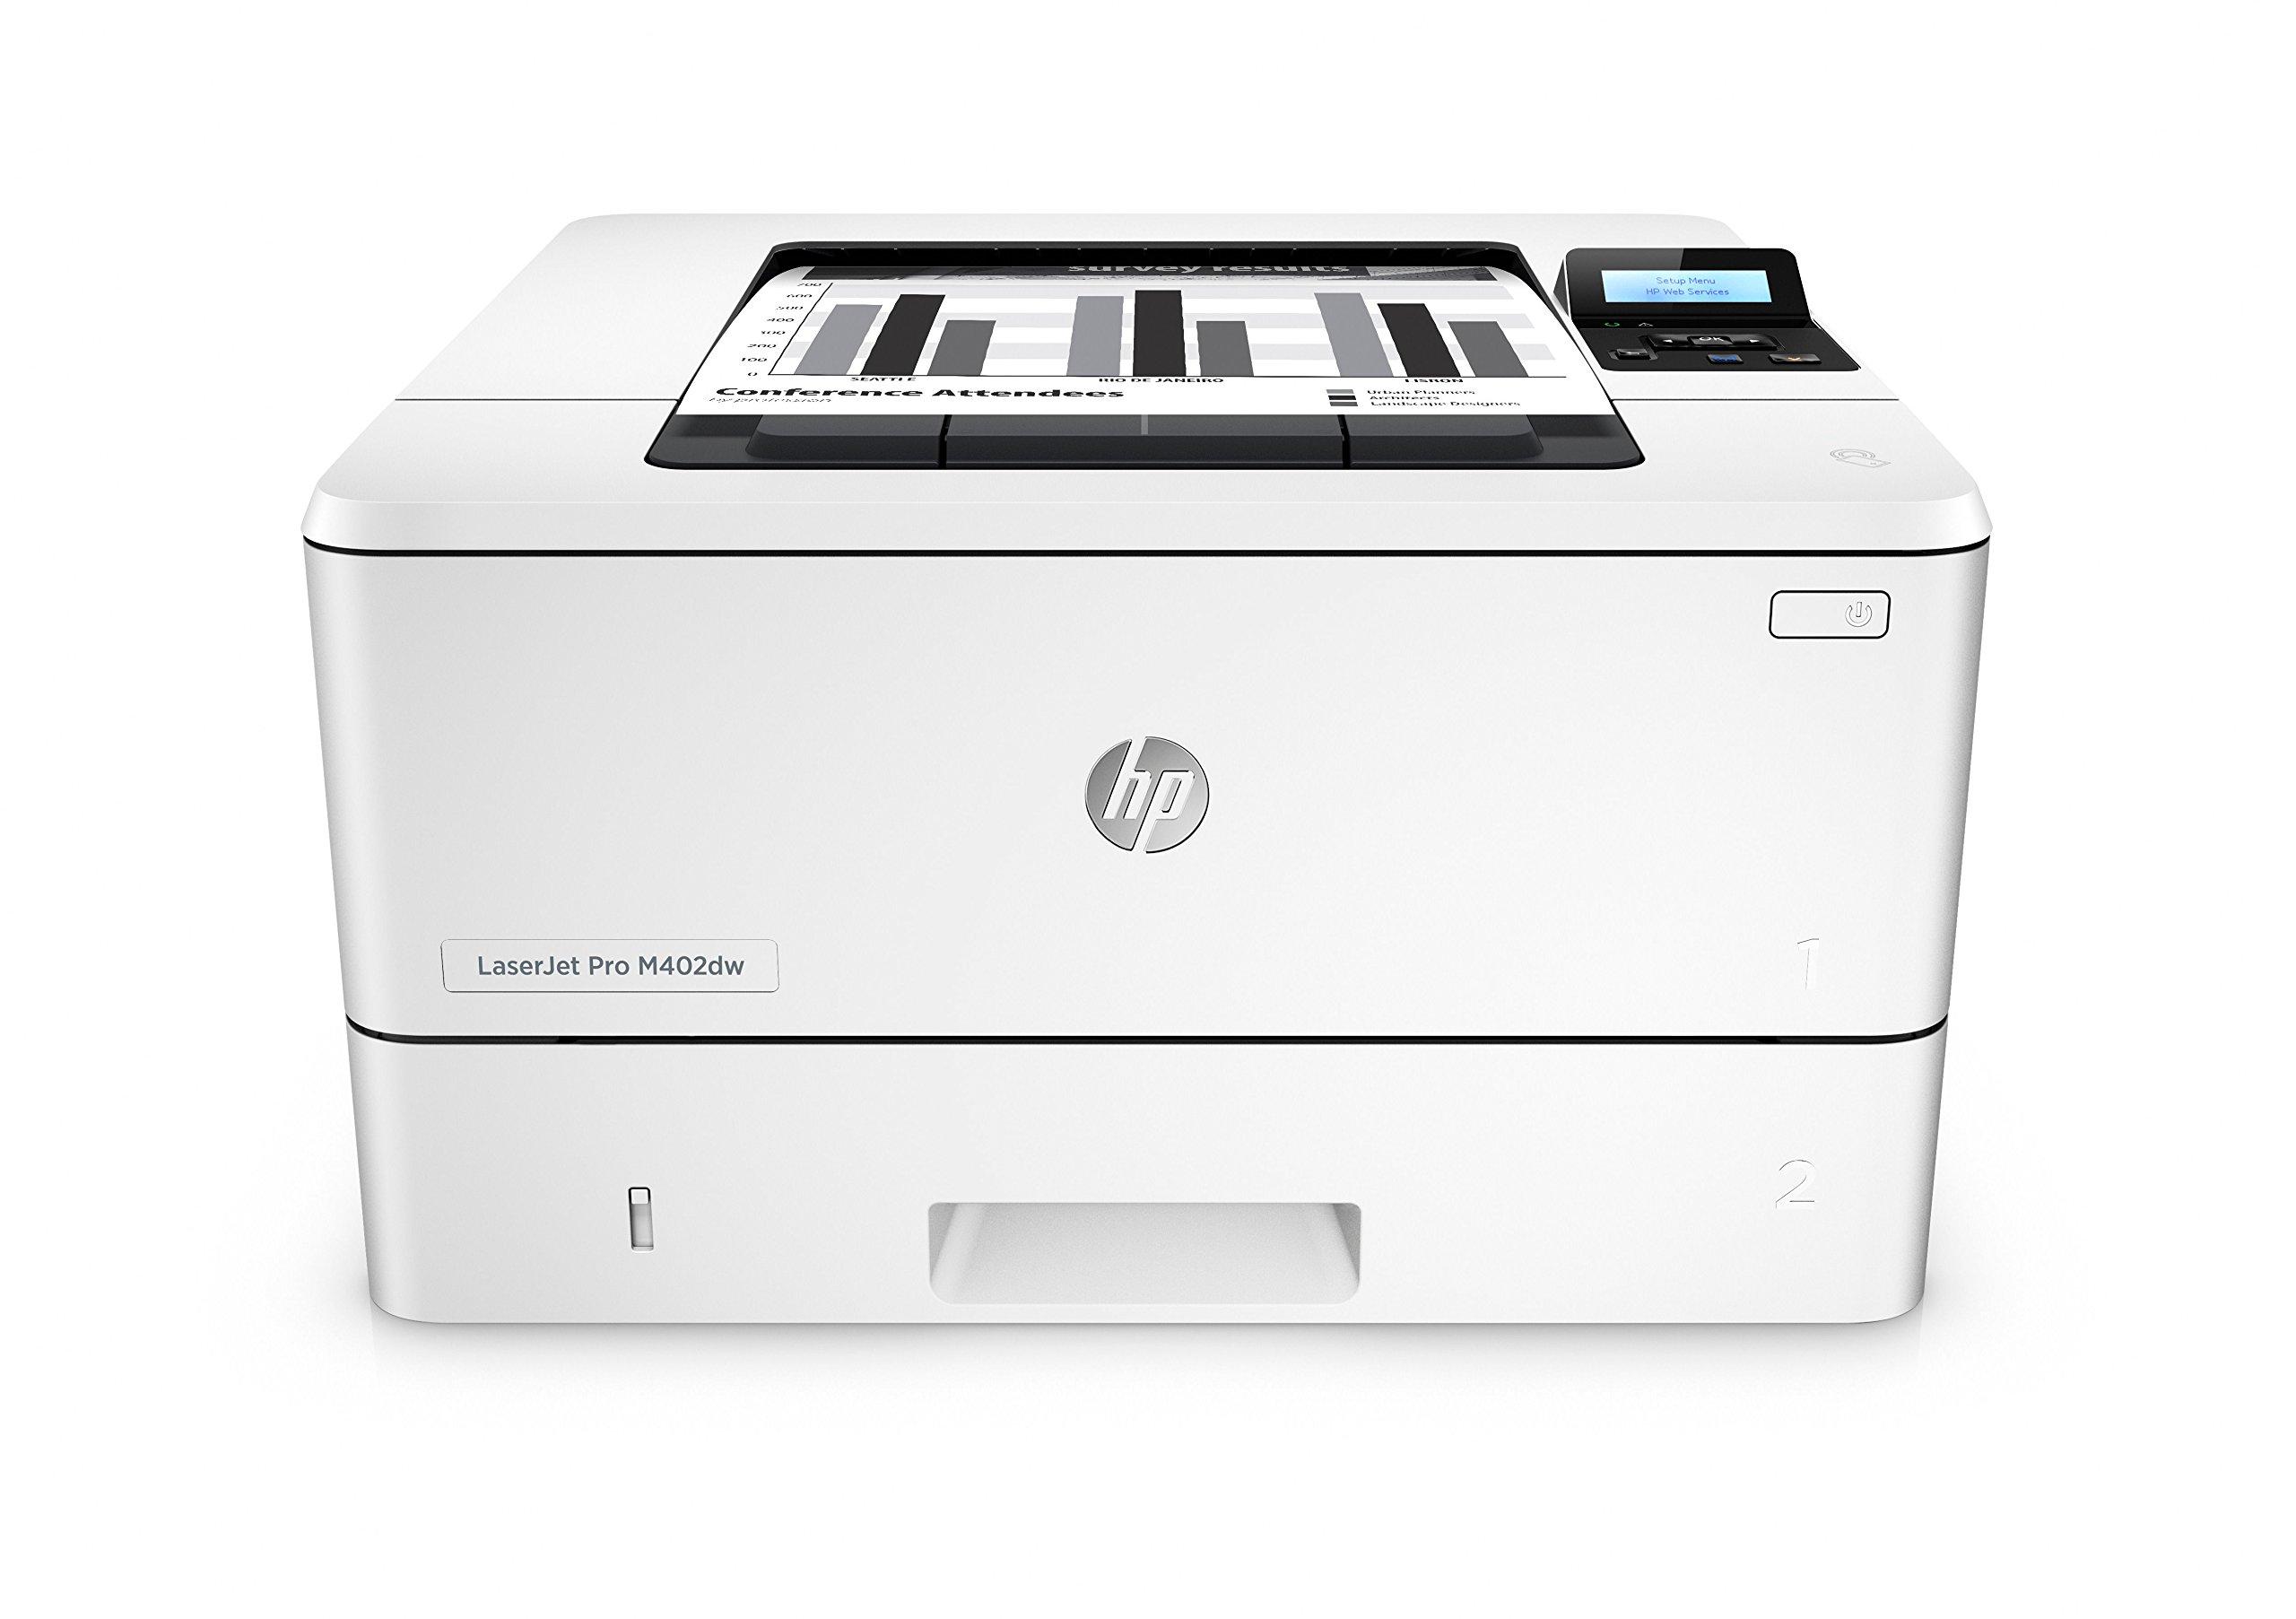 HP LaserJet Pro M402dw Wireless Monochrome Printer (C5F95A#BGJ)